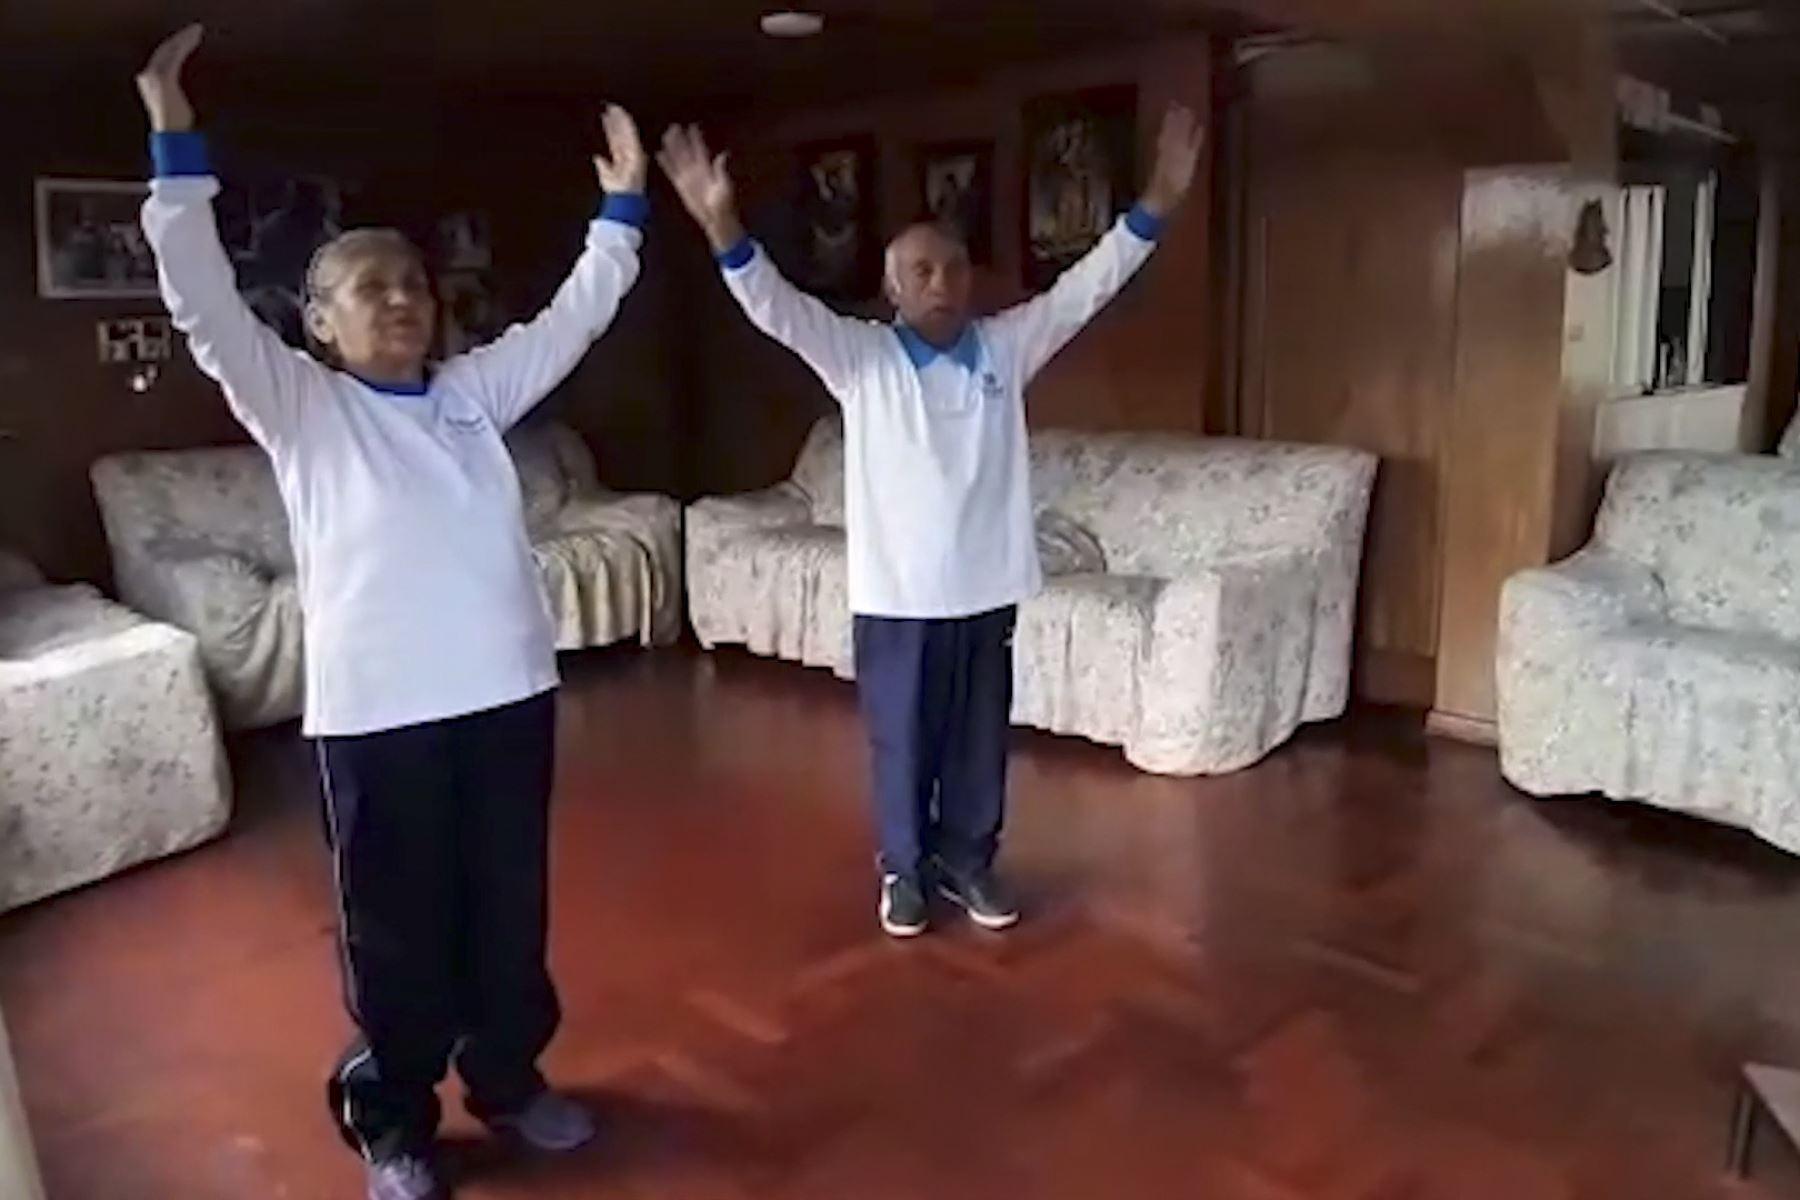 Promueven bailoterapia para ejercitar la memoria y fortalecer músculos de adultos mayores | Noticias